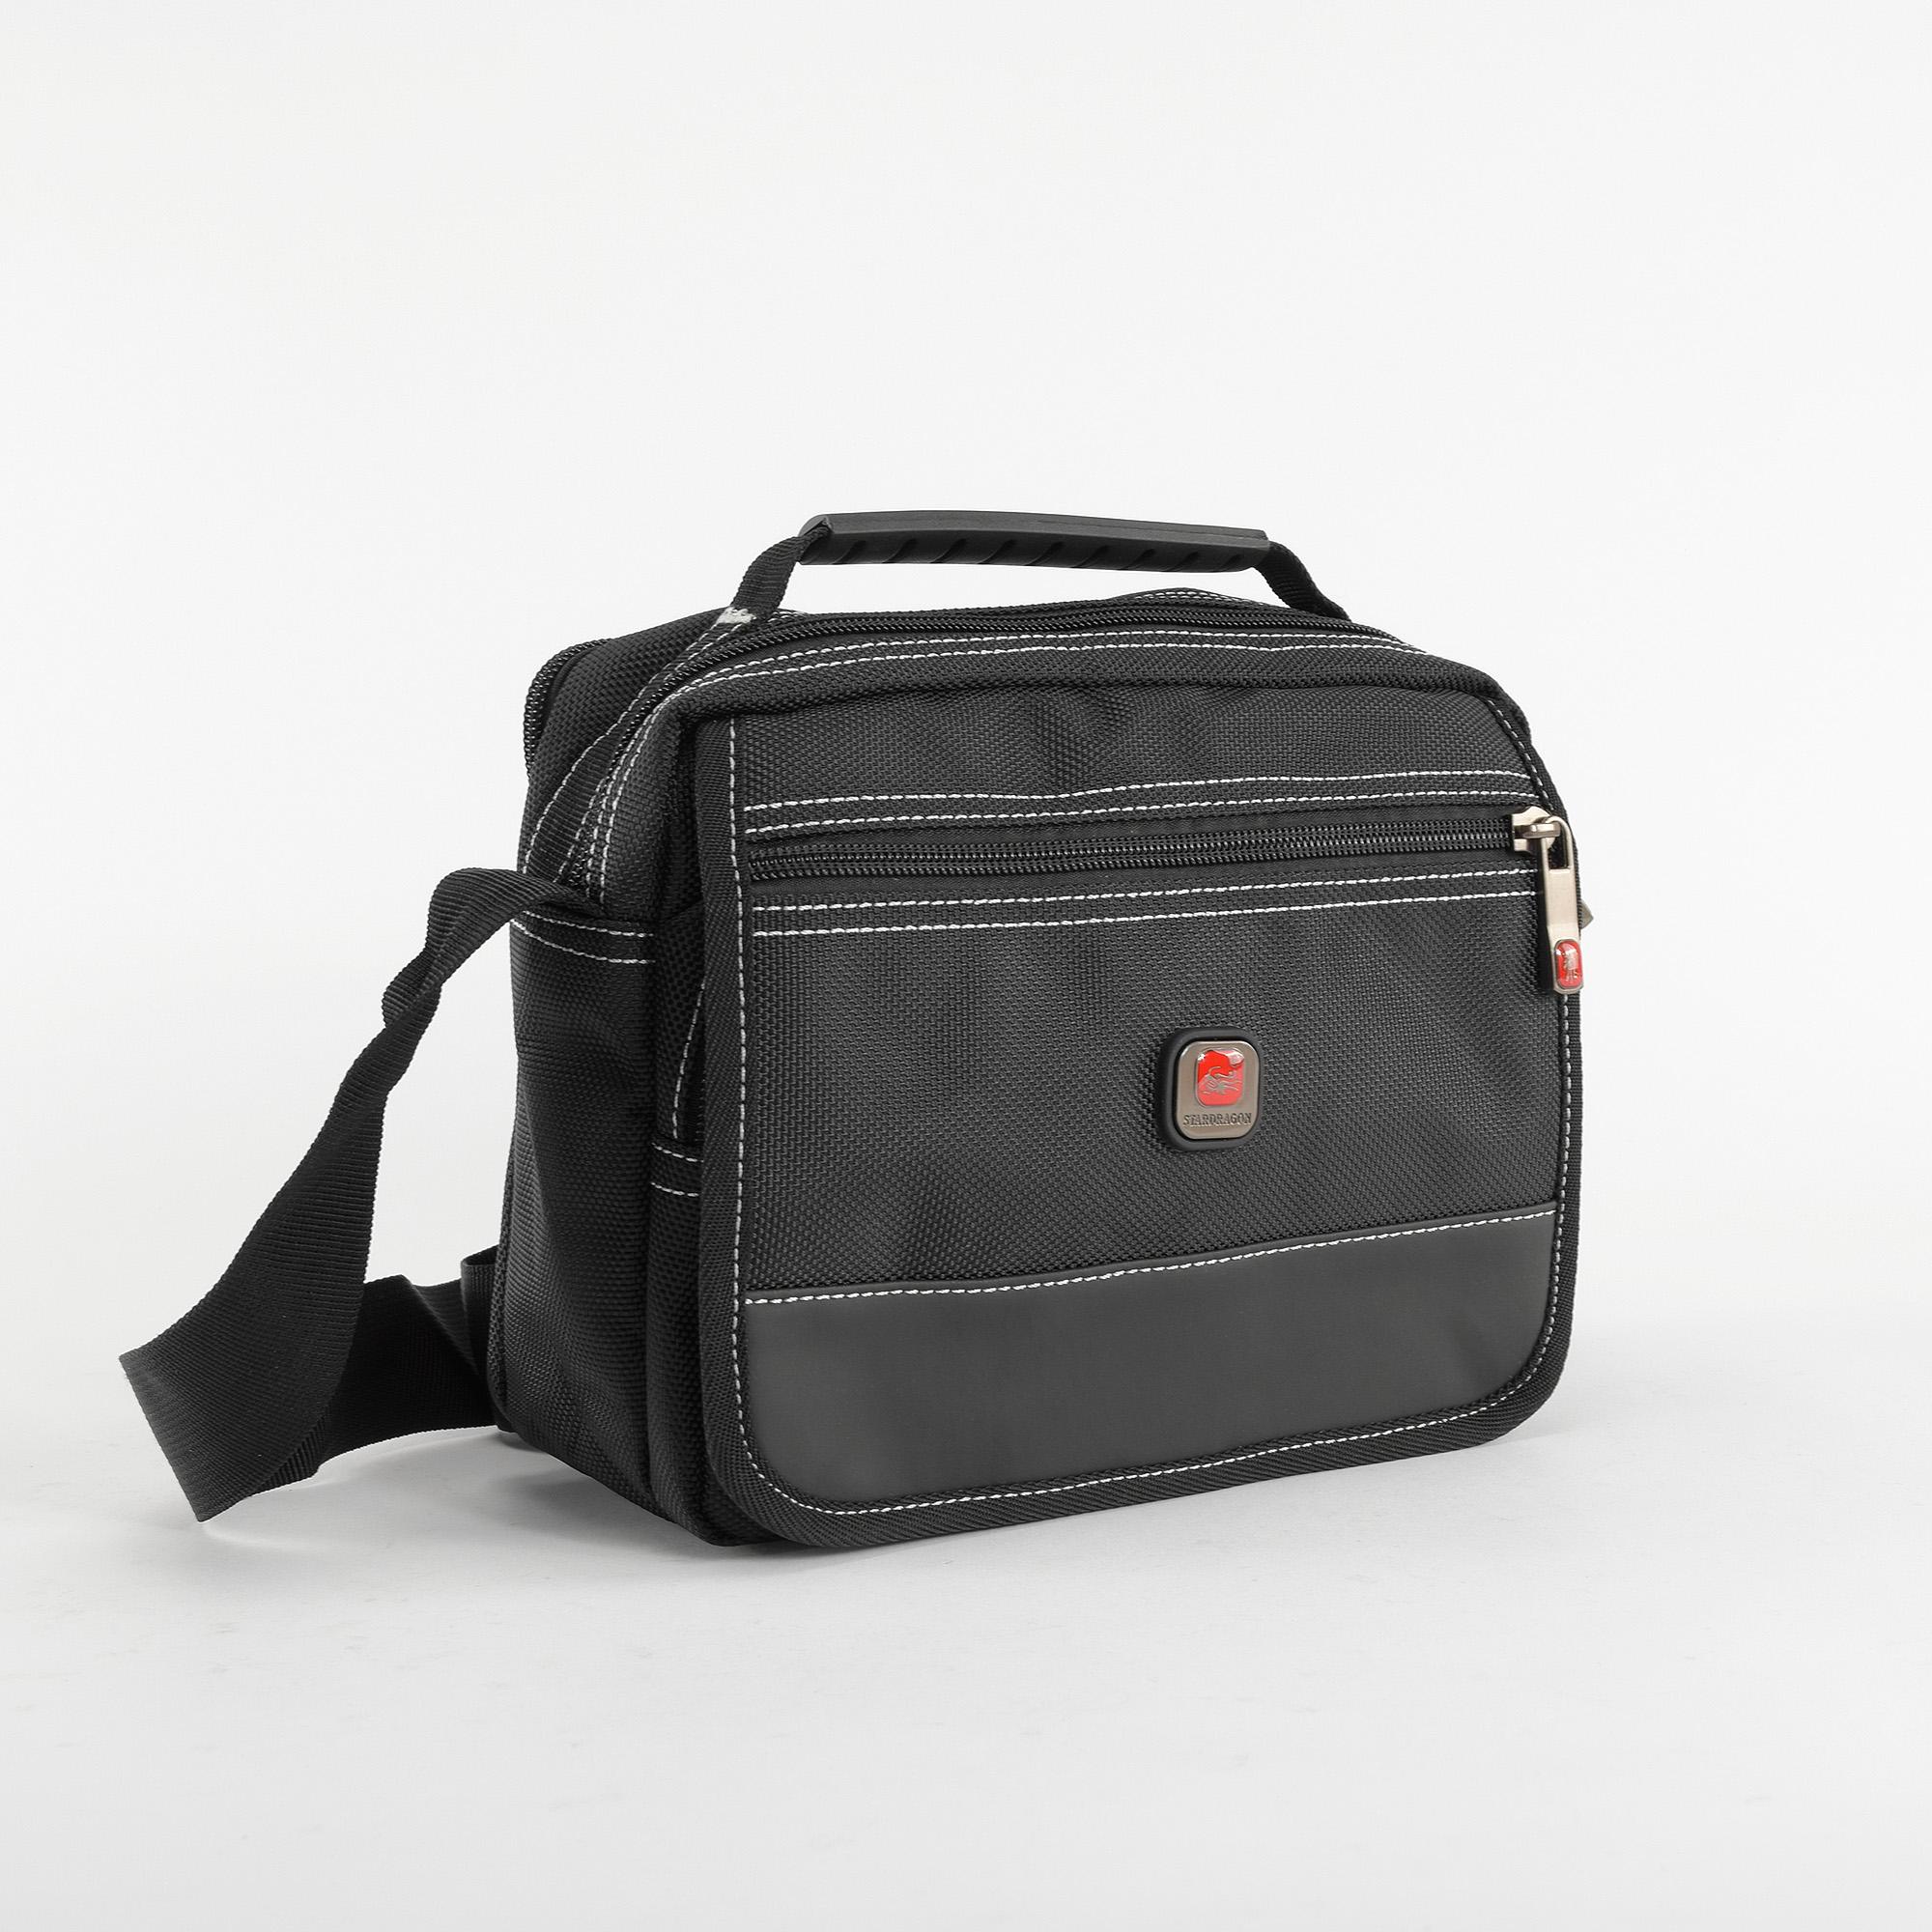 Stardragon Kis Méretű Fekete Férfi Poliészter Oldaltáska - OLDALTÁSKÁK - Táska  webáruház - Minőségi táskák mindenkinek 54d34a3349